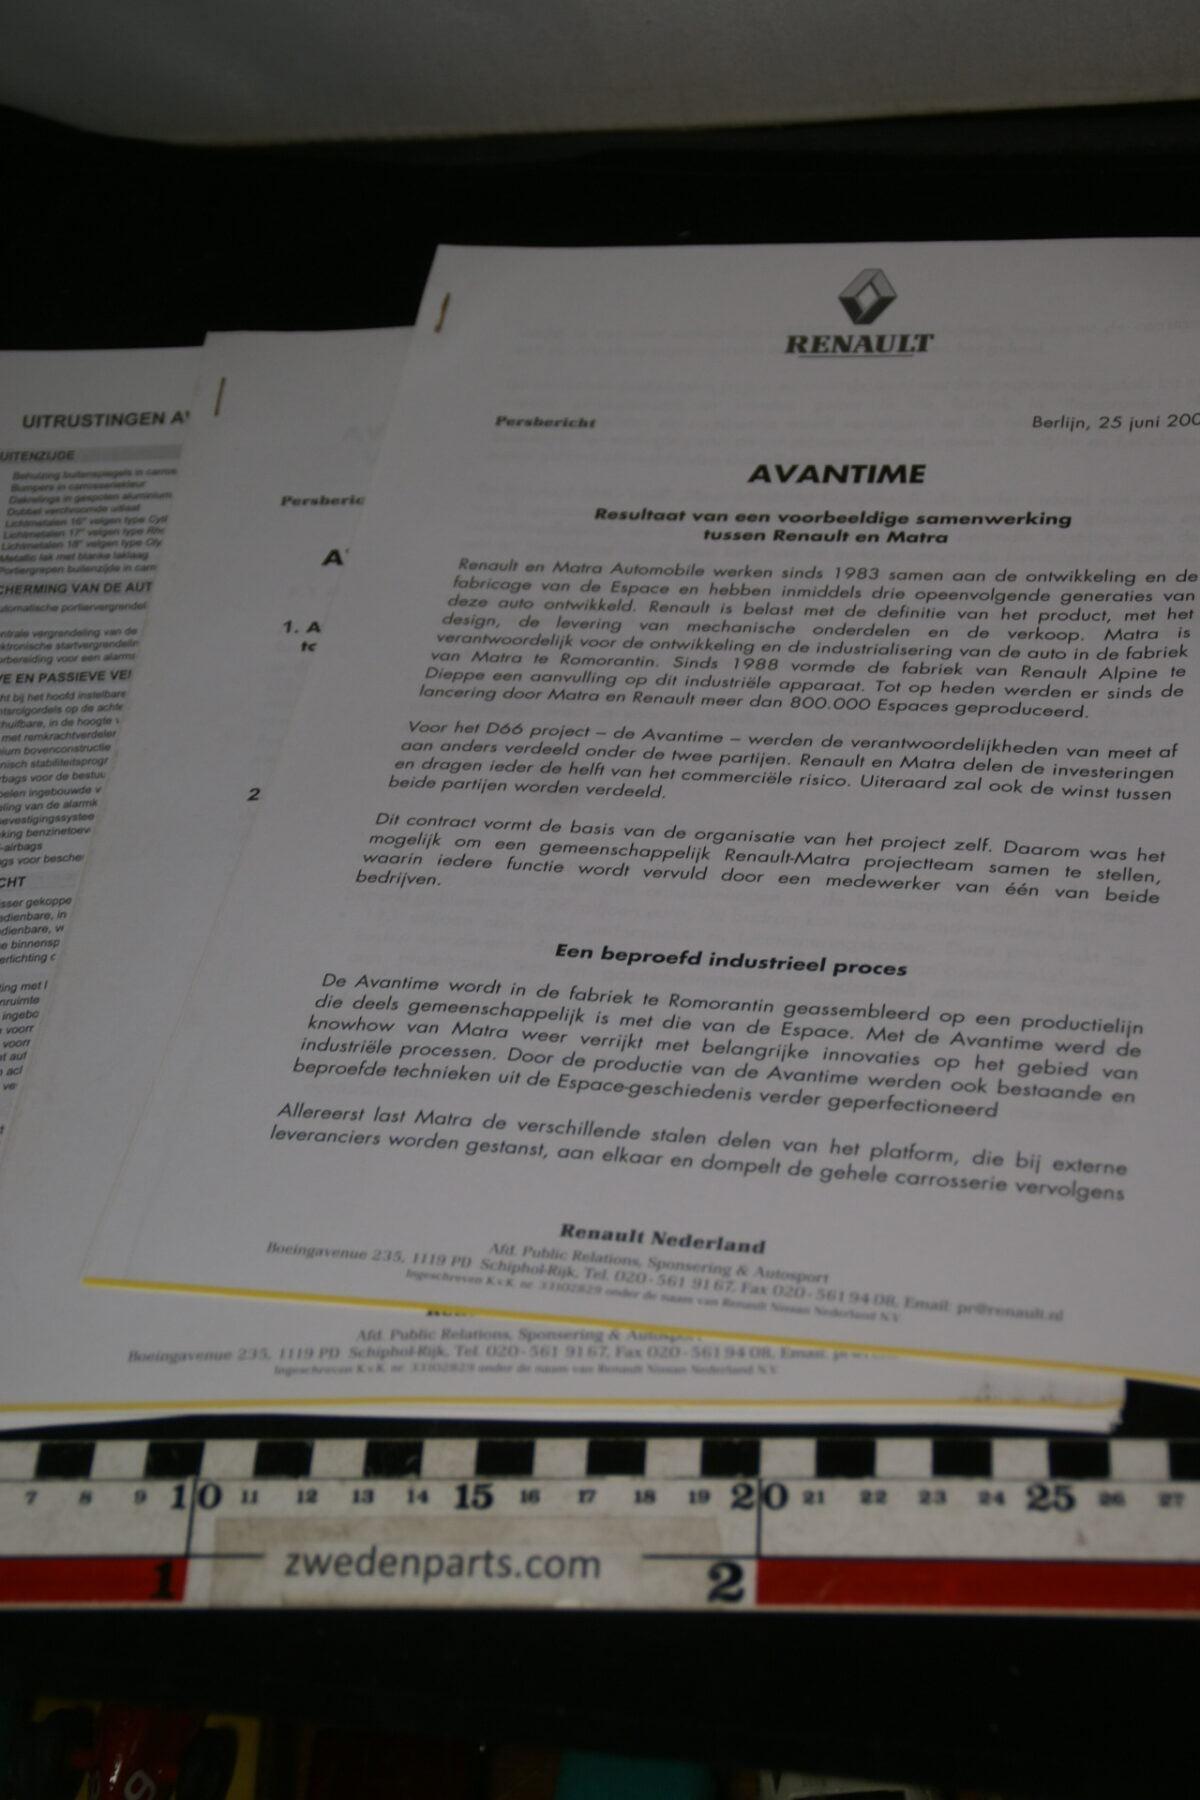 DSC00022 2000 originele persbericht Renault en Matra.JPG-3ac7c134